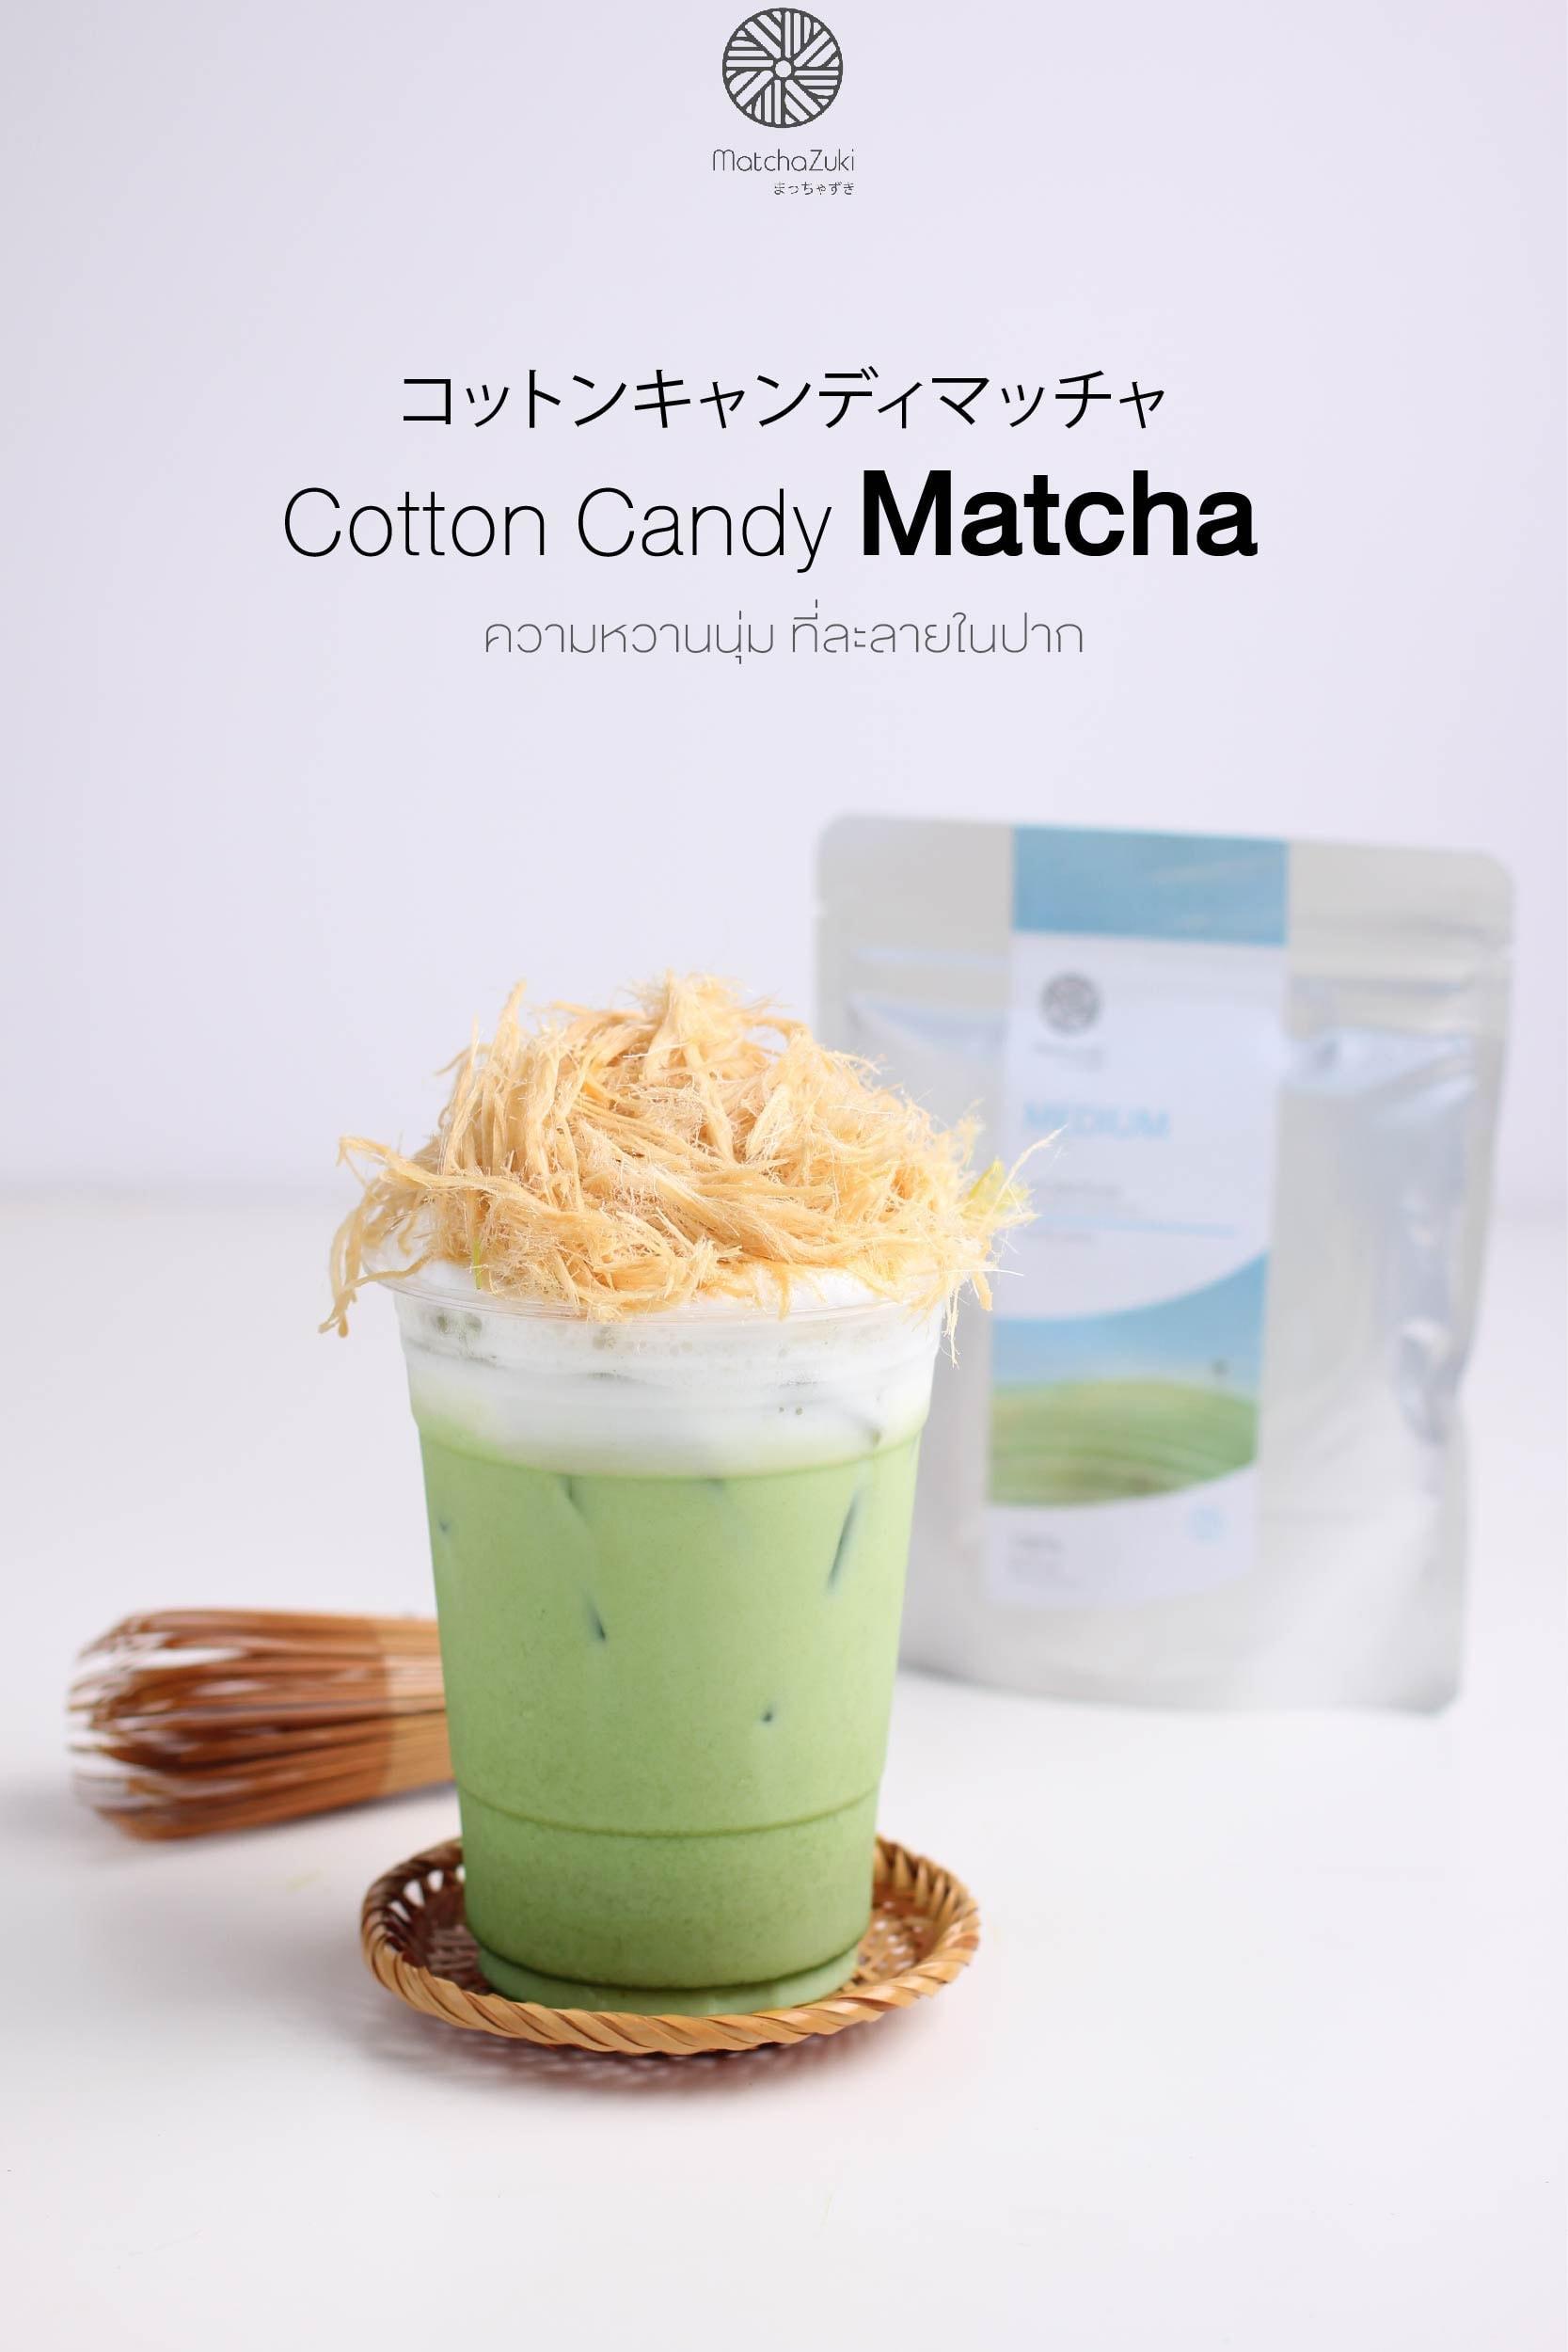 Cotton Candy Matcha